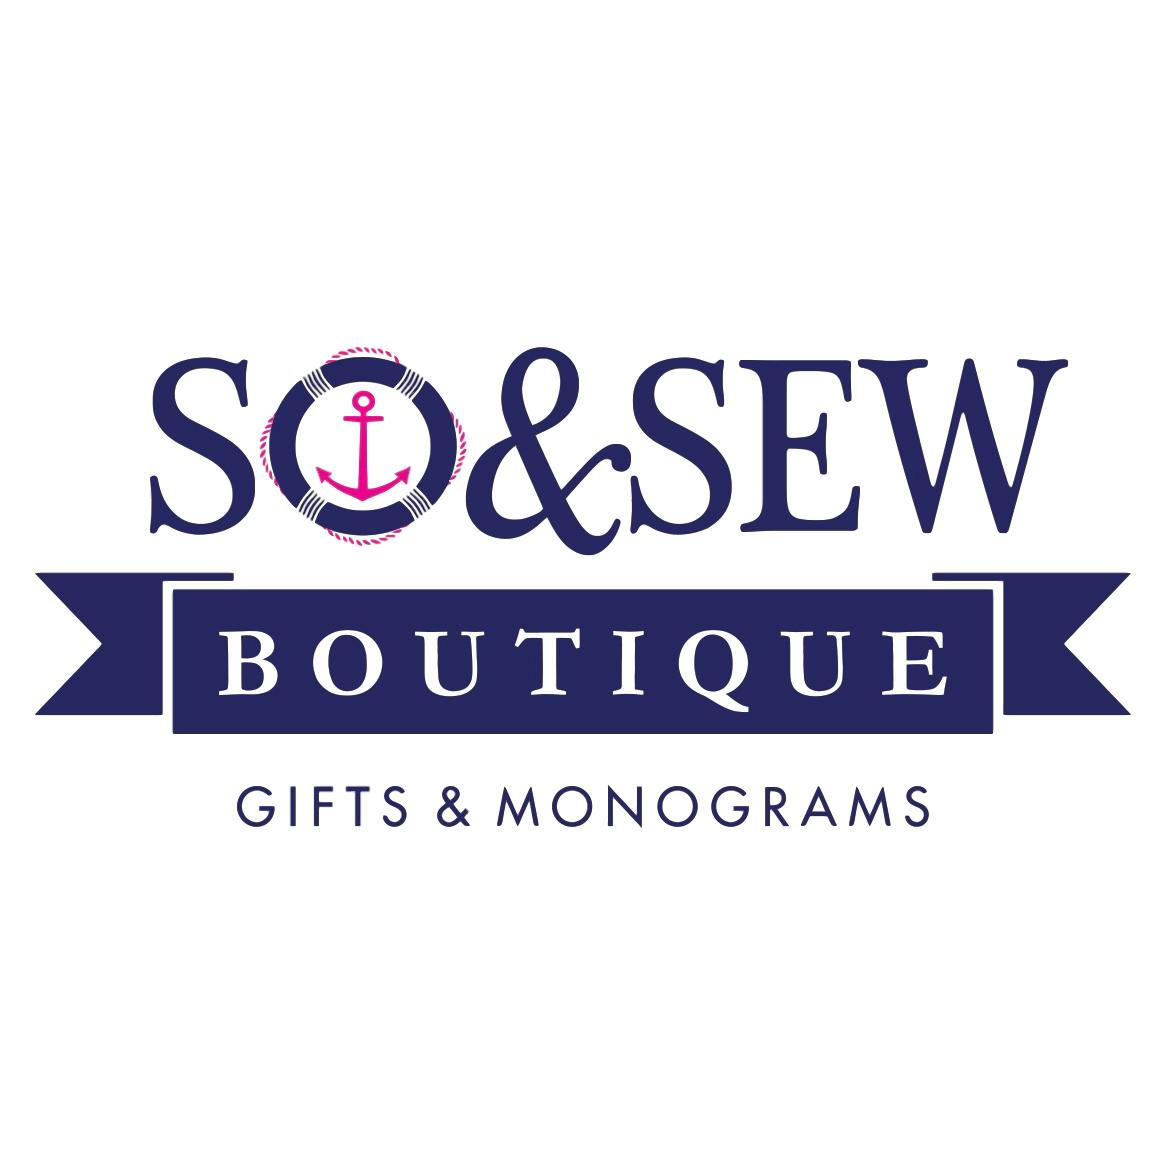 So & Sew Boutique